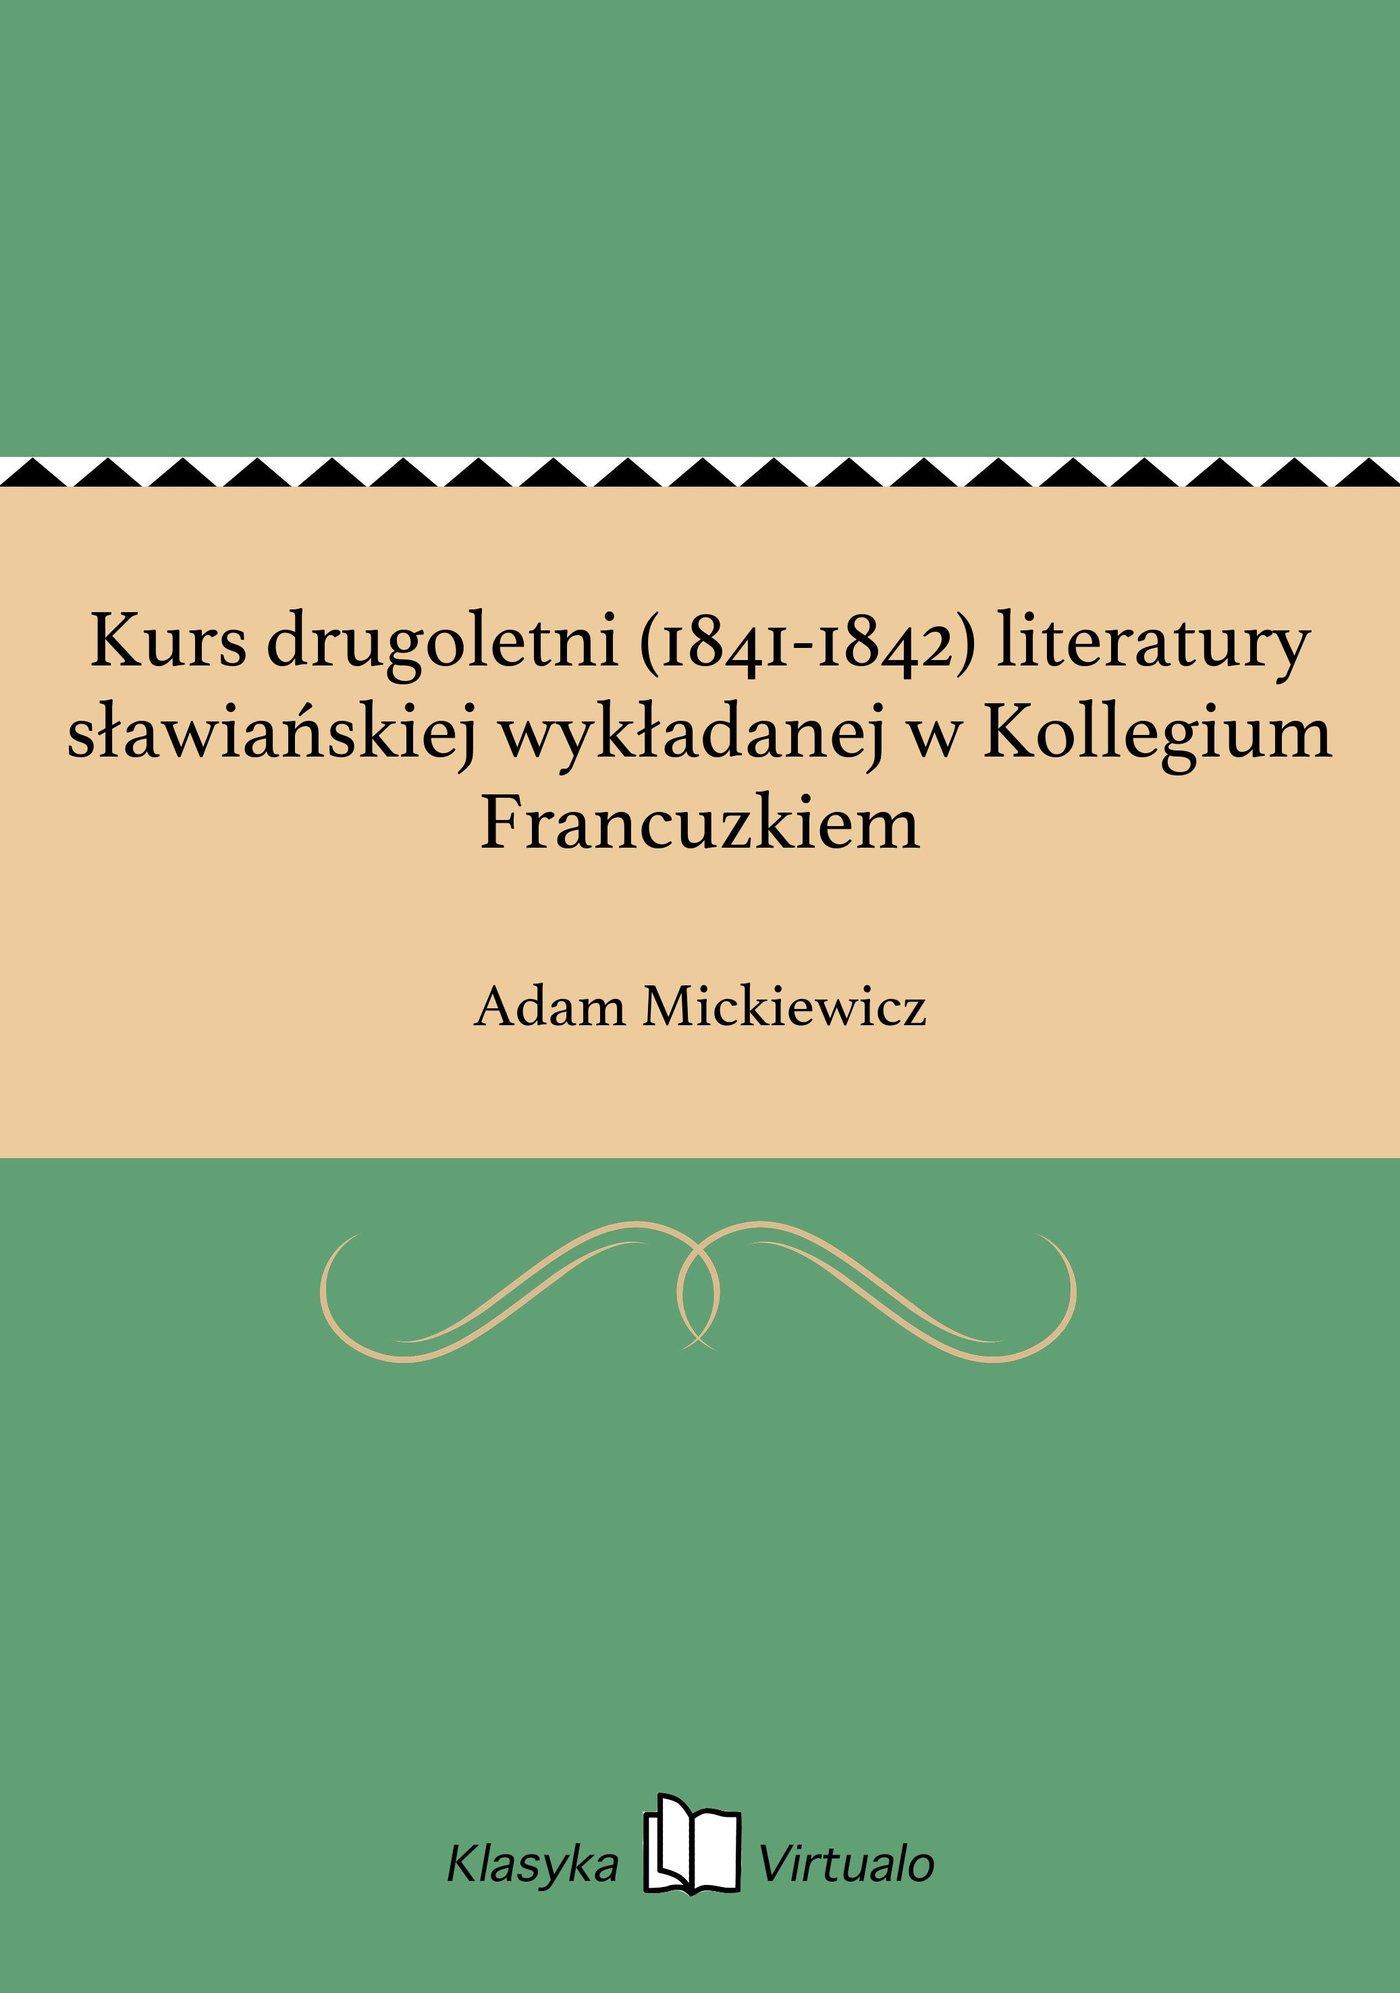 Kurs drugoletni (1841-1842) literatury sławiańskiej wykładanej w Kollegium Francuzkiem - Ebook (Książka EPUB) do pobrania w formacie EPUB